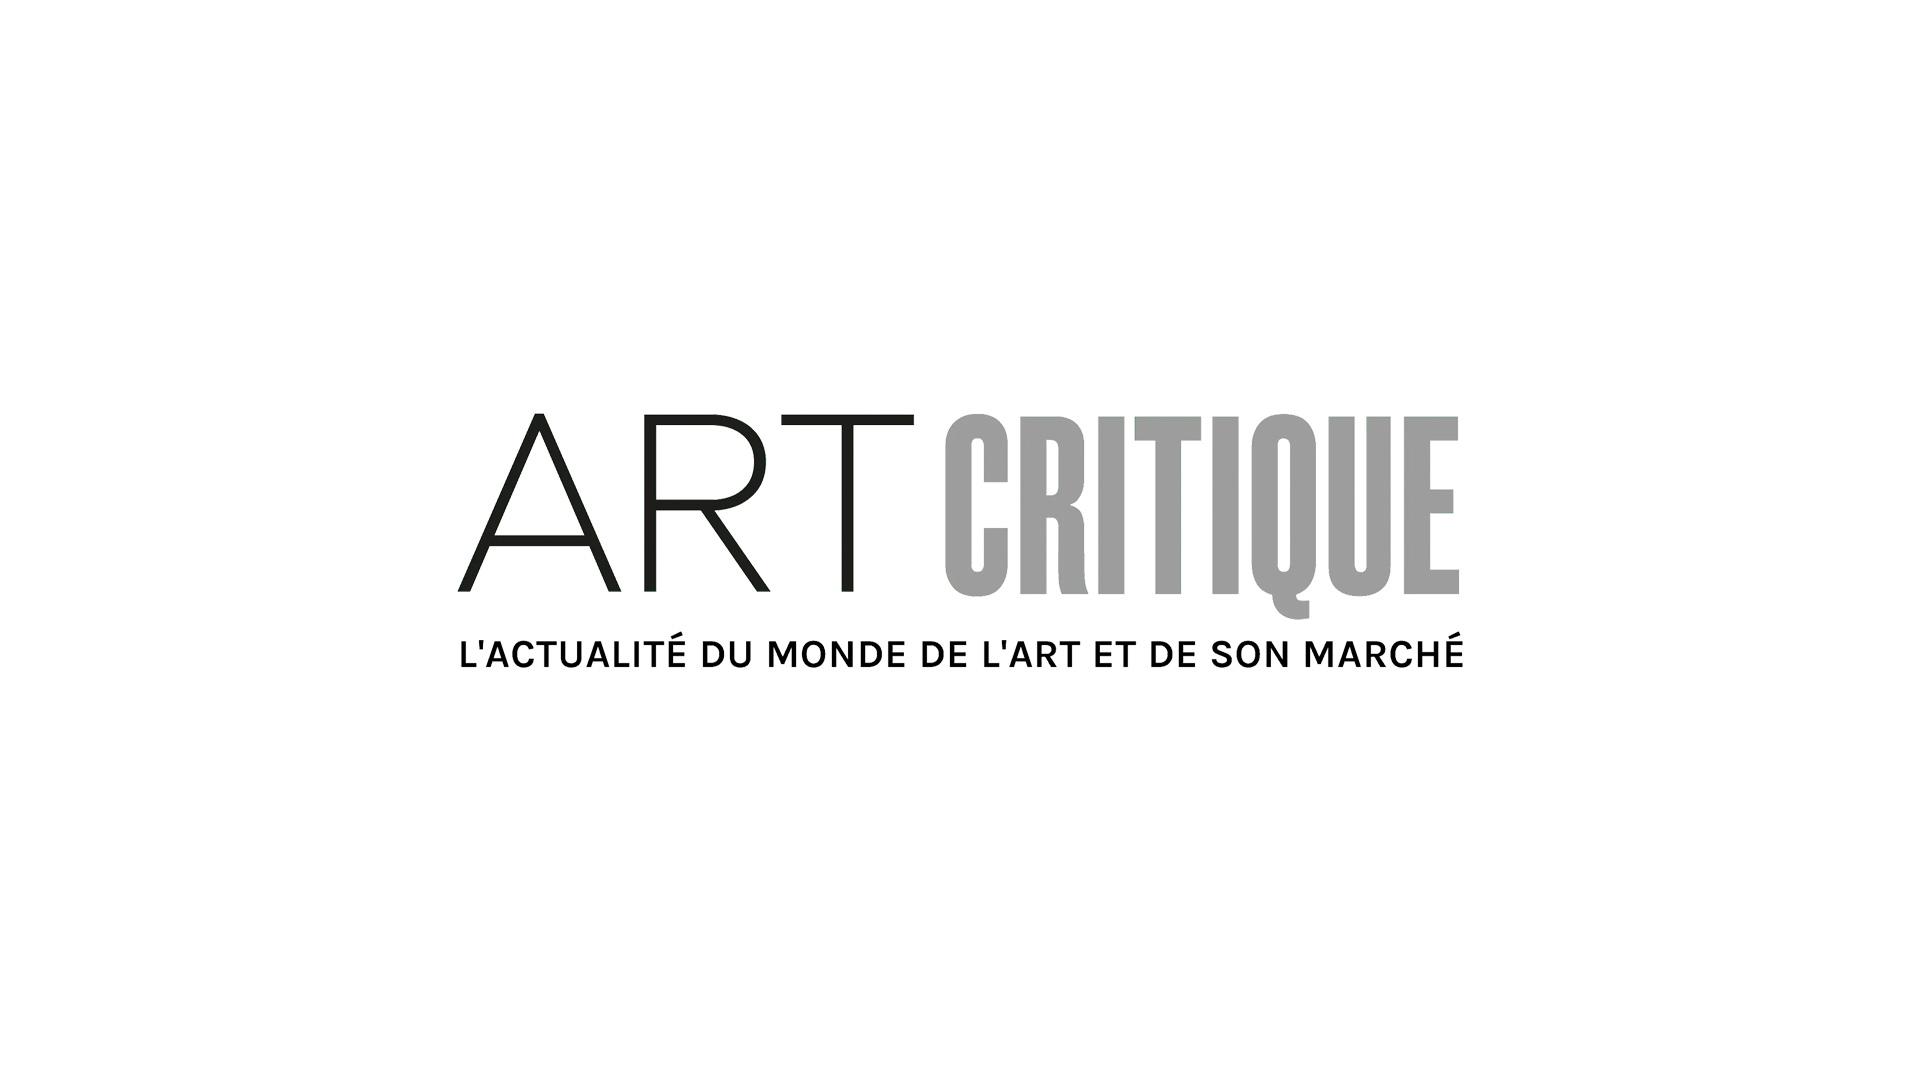 Une nouvelle biographie sur Léonard de Vinci